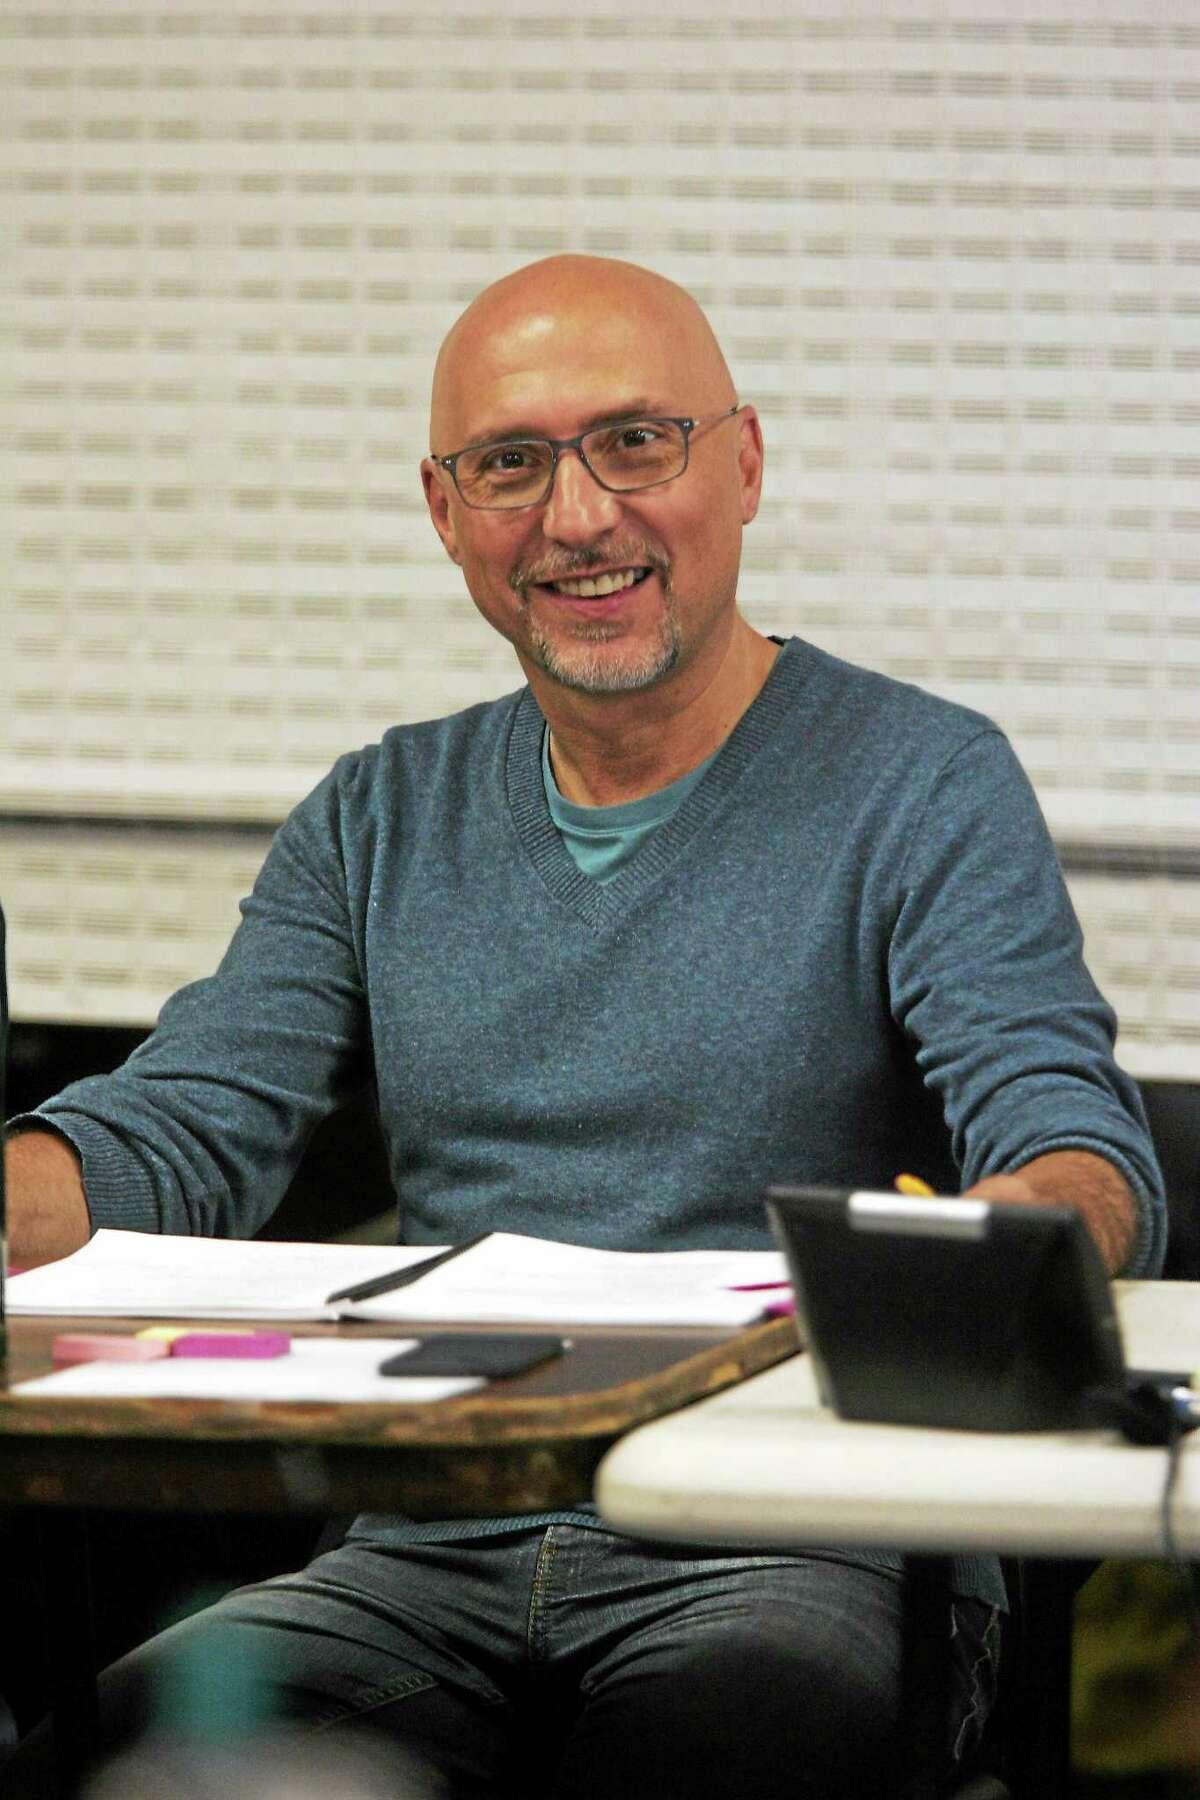 Director Rob Ruggiero